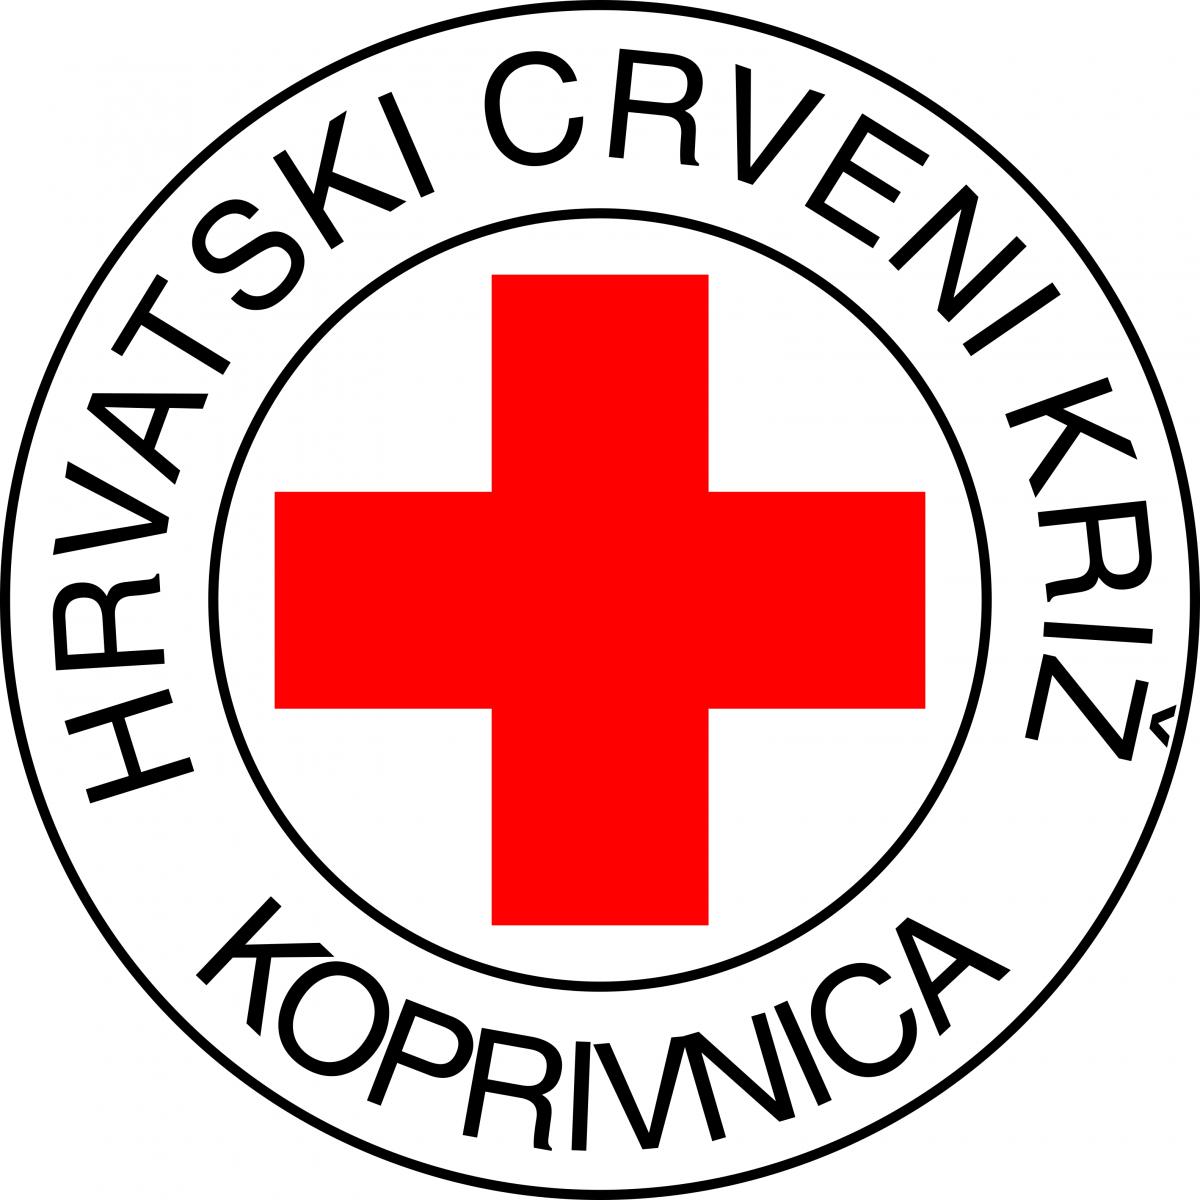 Logo - GDCK Koprivnica